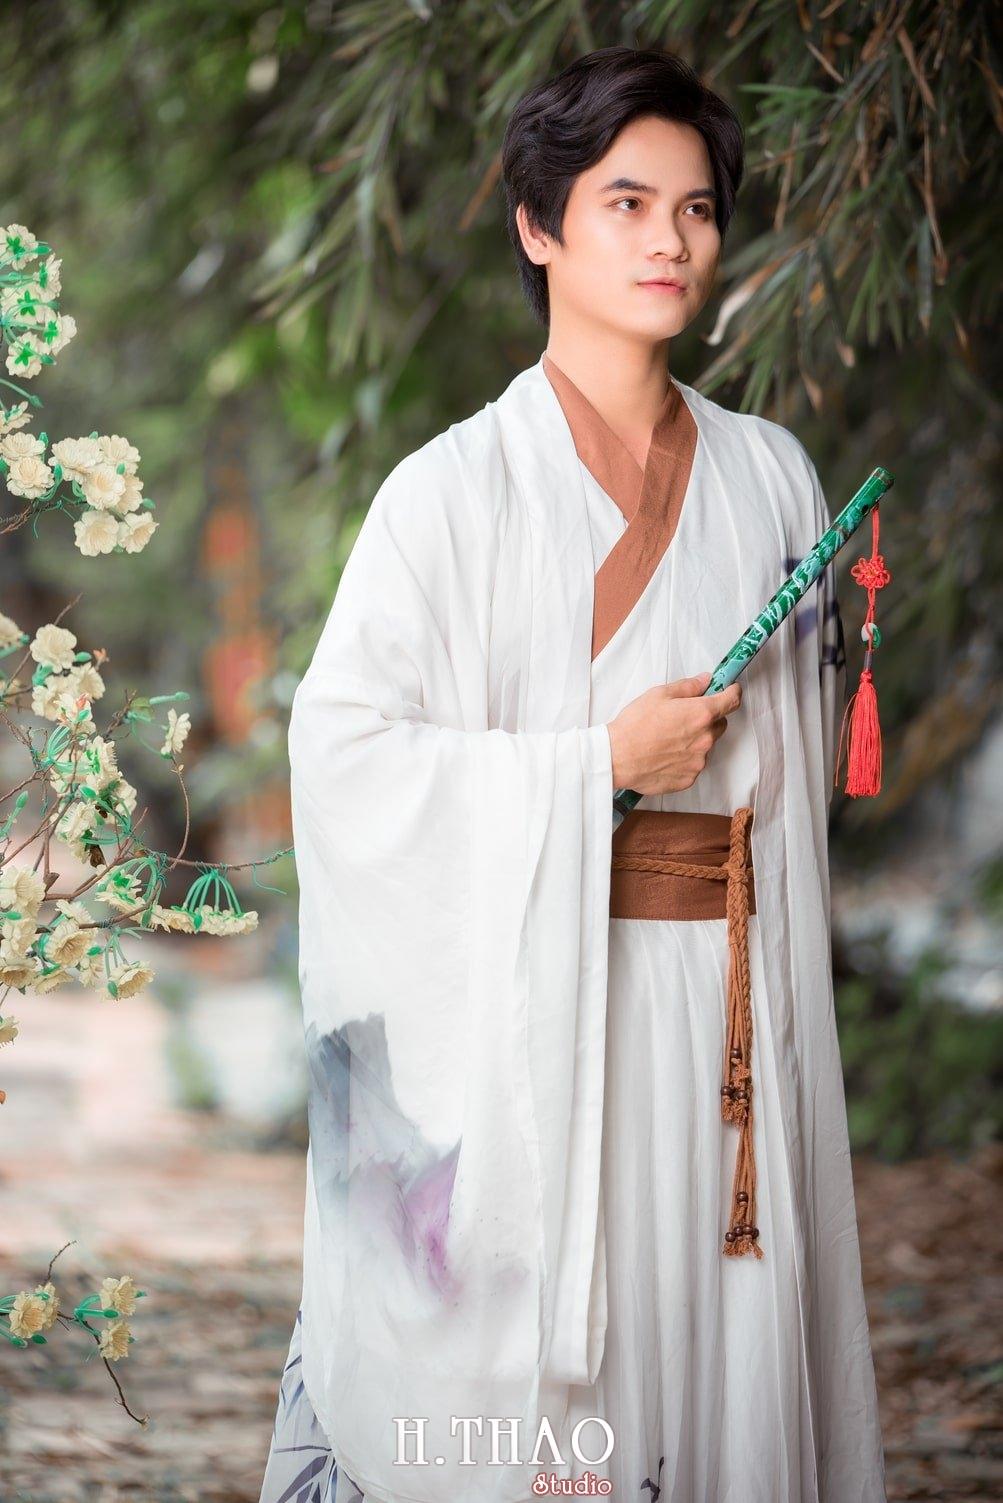 Anh co trang nam 4 - Album ảnh cổ trang nam phong cách thư sinh đẹp lạ mắt – HThao Studio